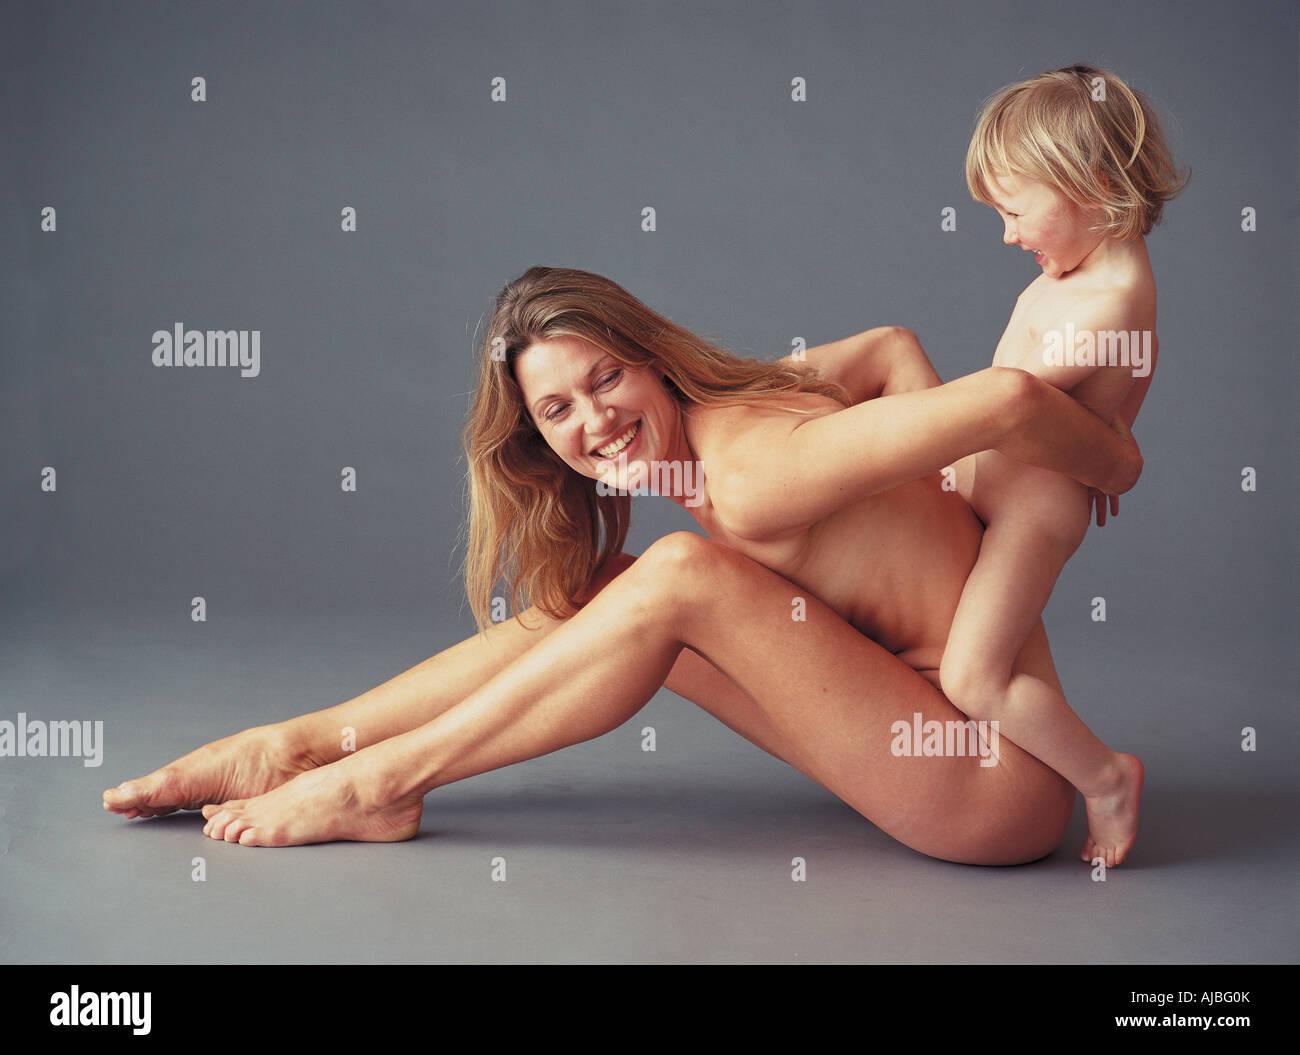 Mutter Und Sohn Nackt